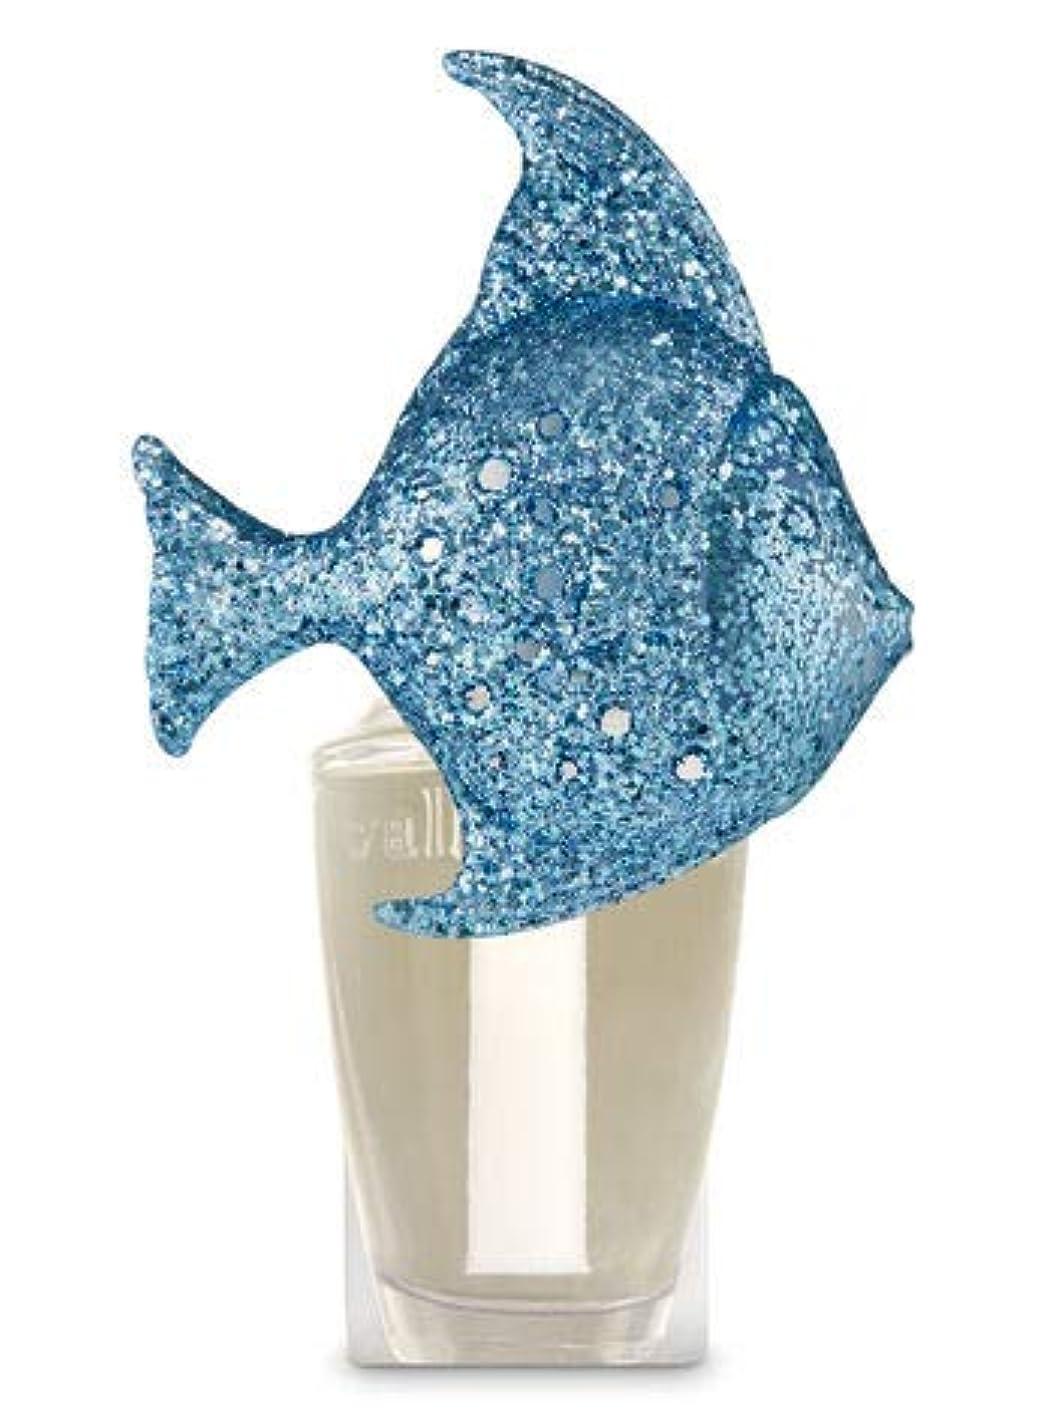 パーツリップインセンティブ【Bath&Body Works/バス&ボディワークス】 ルームフレグランス プラグインスターター (本体のみ) グリッターブルーフィッシュナイトライト Wallflowers Fragrance Plug Glitter Blue Fish Night Light [並行輸入品]